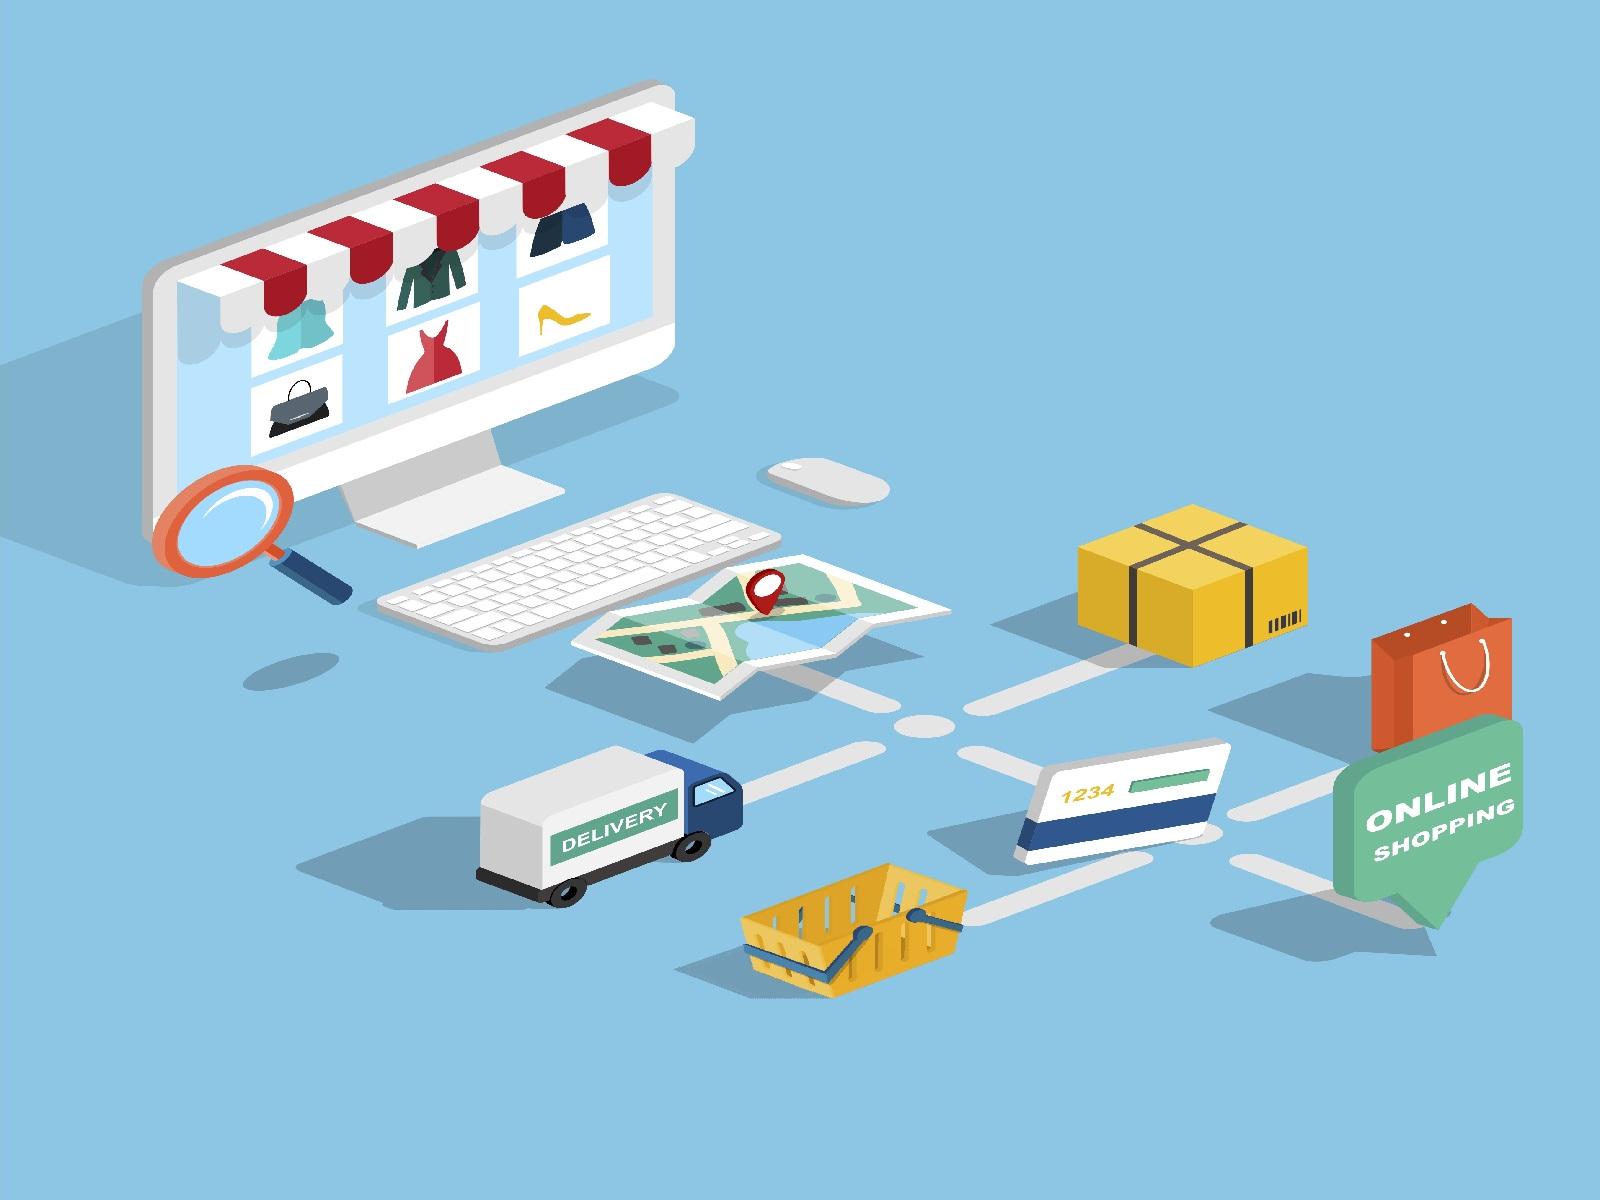 پلتفرم امن احراز هویت دیجیتال یوآیدی چگونه به افزایش اطمینان در خرید و فروش آنلاین کمک می کند؟